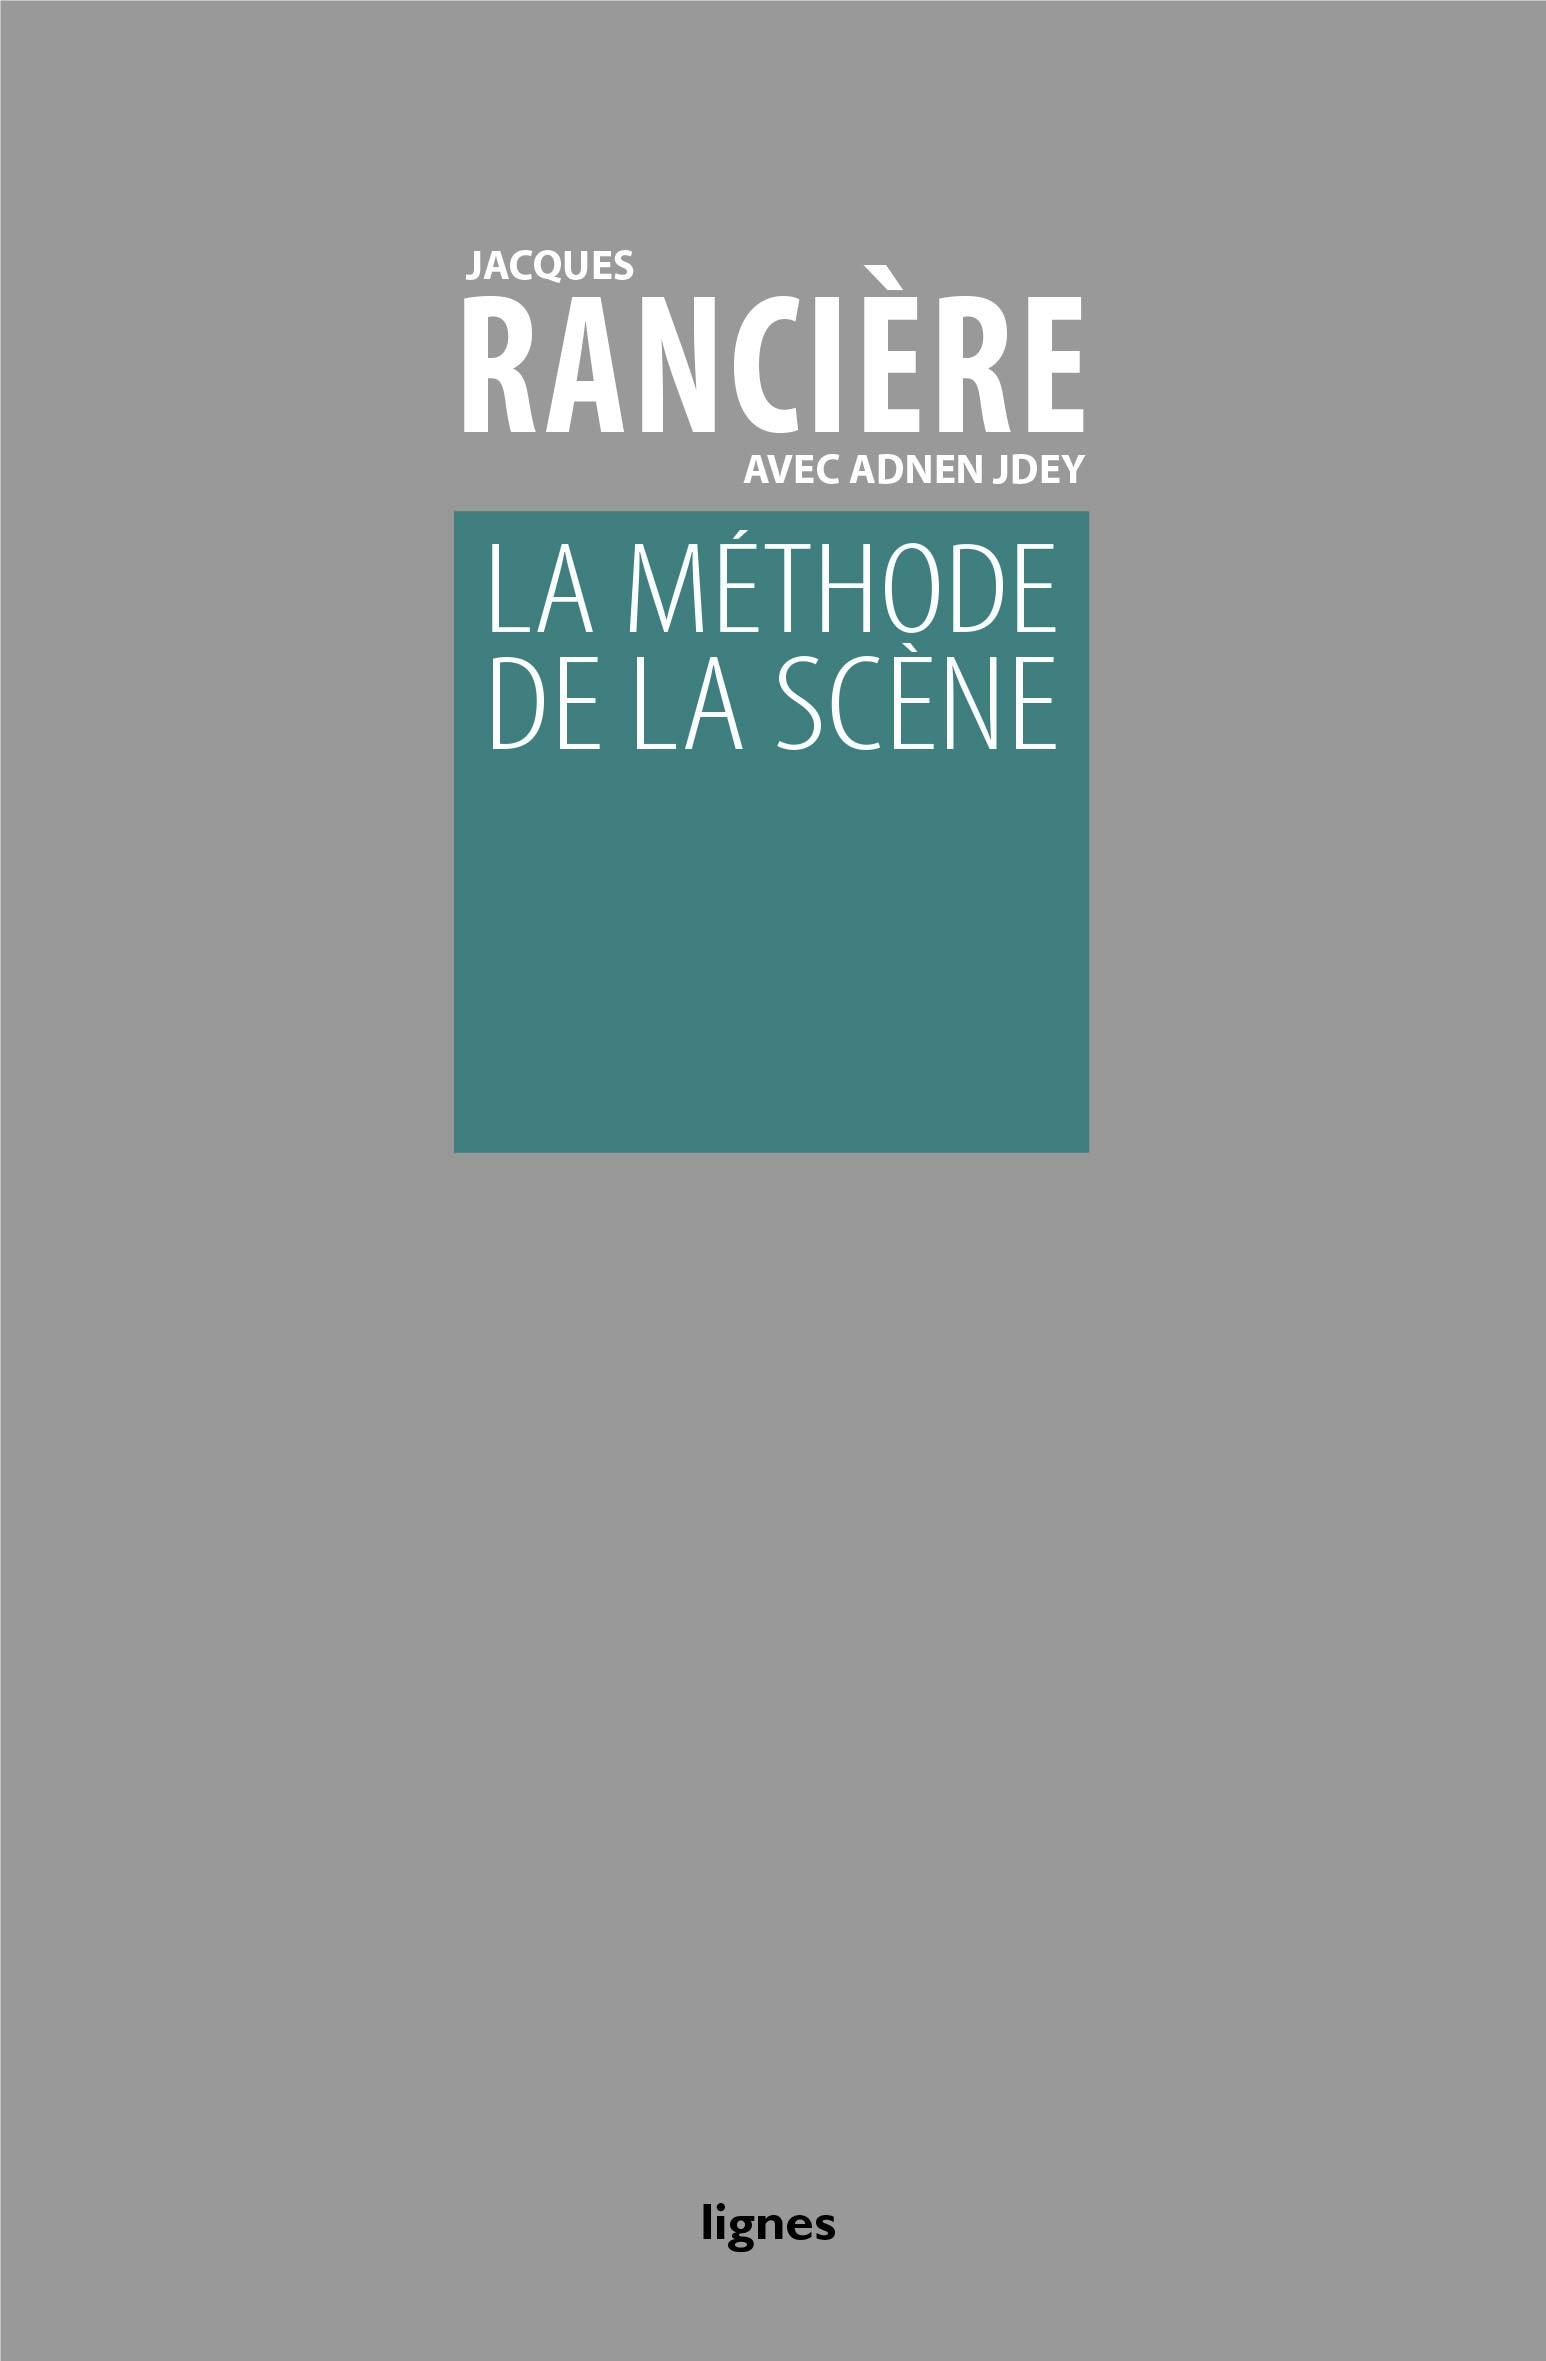 J. Rancière, A. Jdey, La méthode de la scène